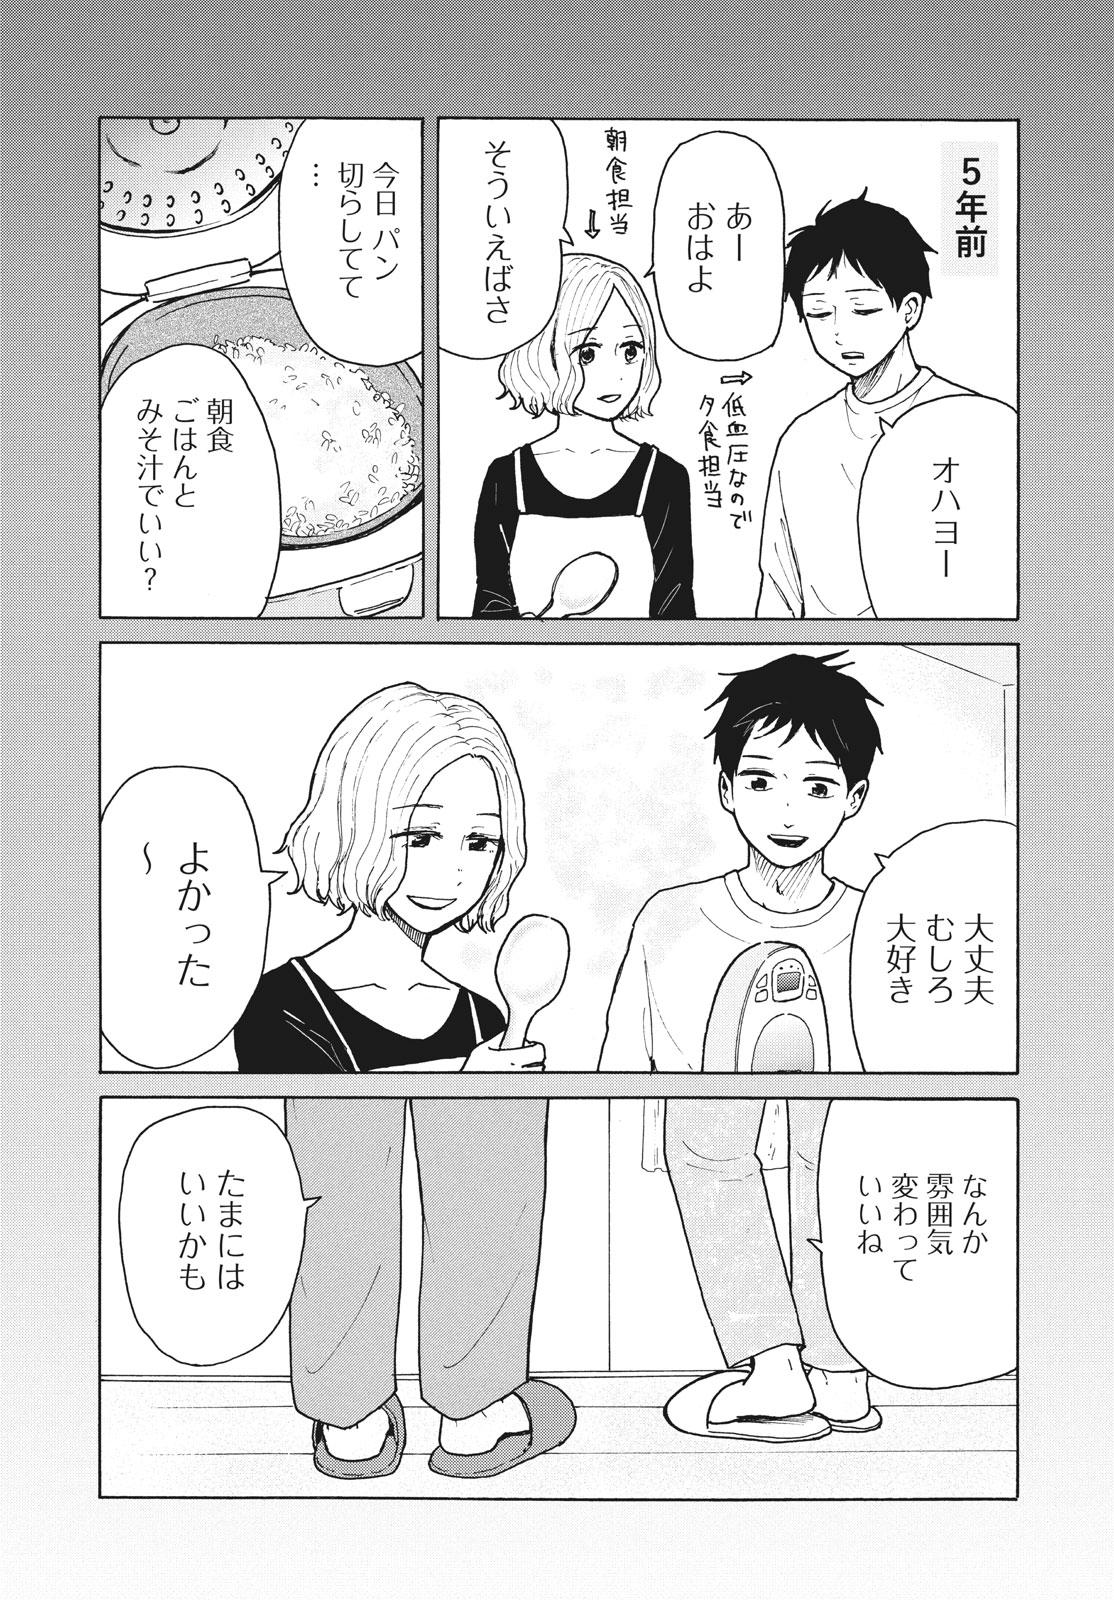 006_30日_2020_007_E.jpg